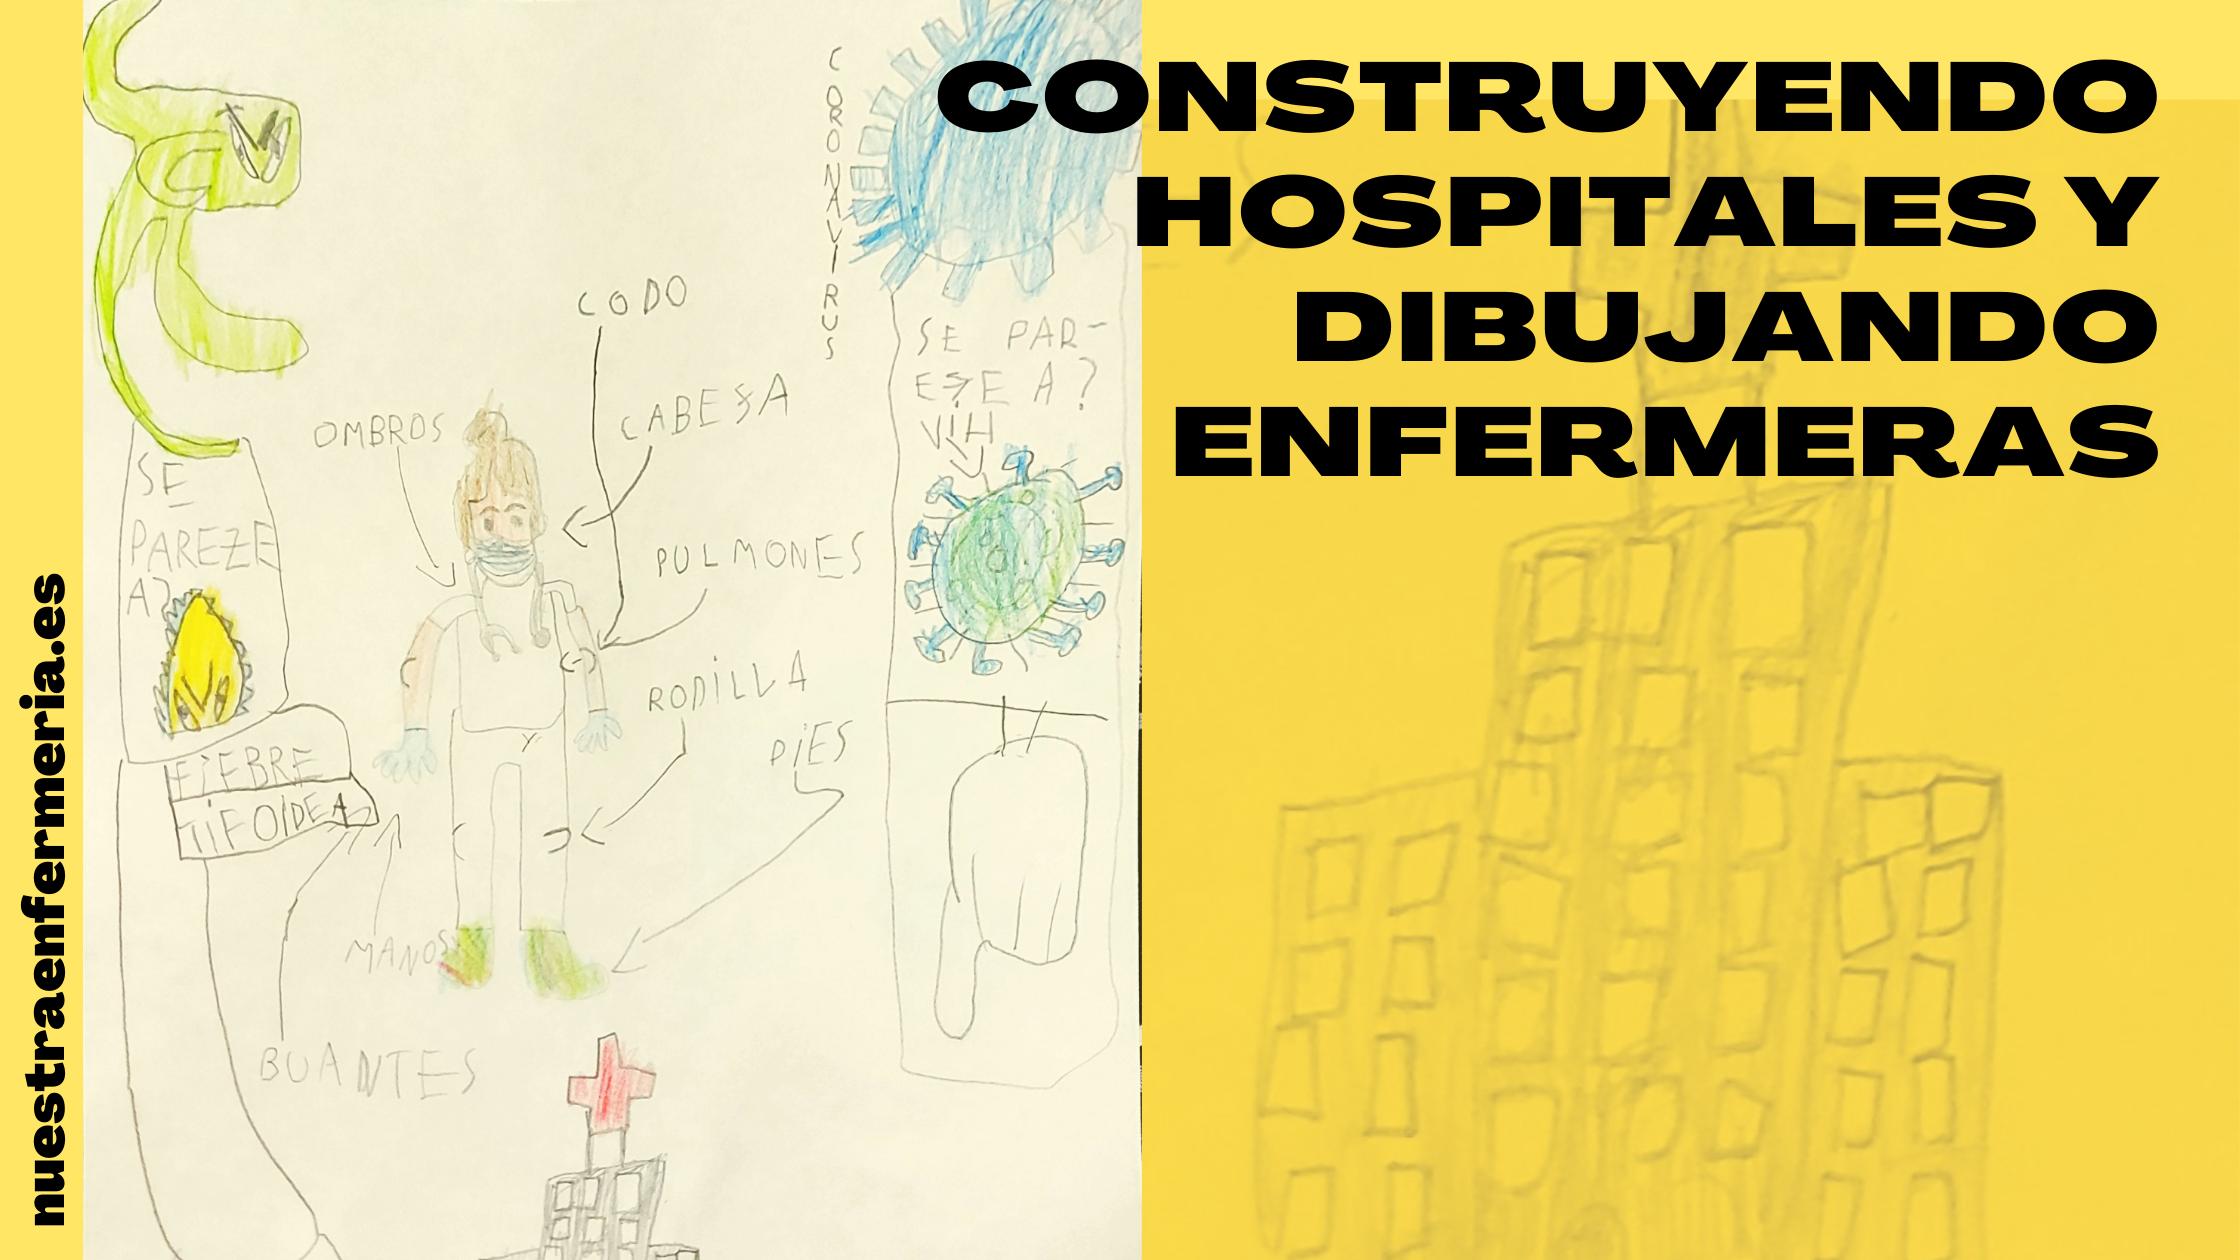 Construyendo Hospitales y dibujando enfermeras